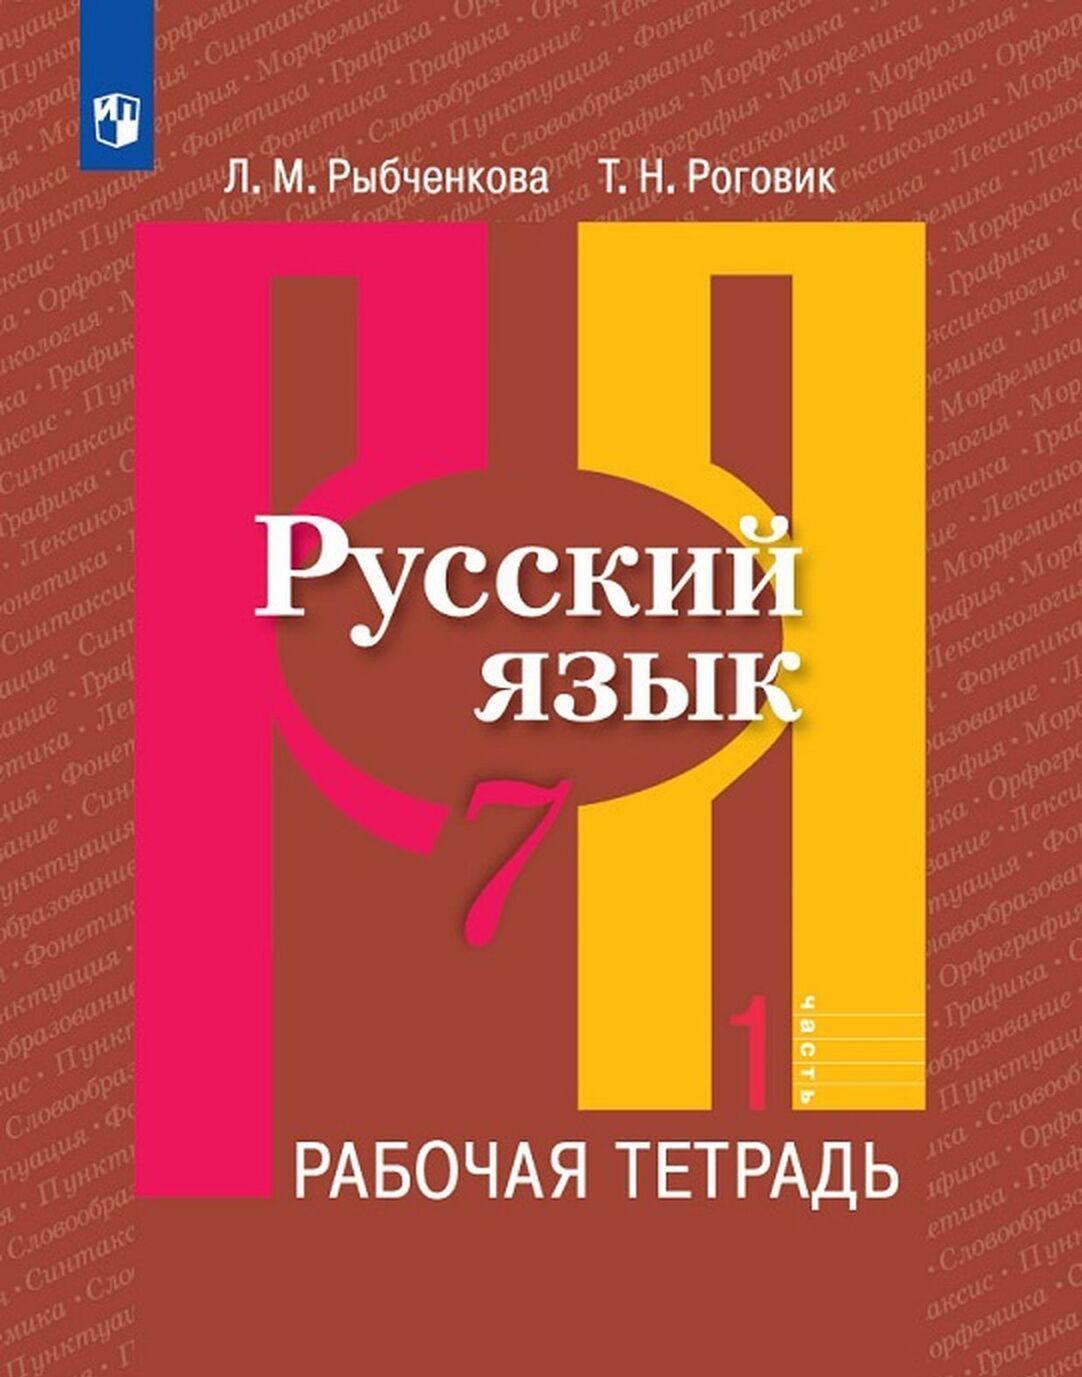 Russkij jazyk. Rabochaja tetrad. 7 klass. V dvukh chastjakh. Chast 1